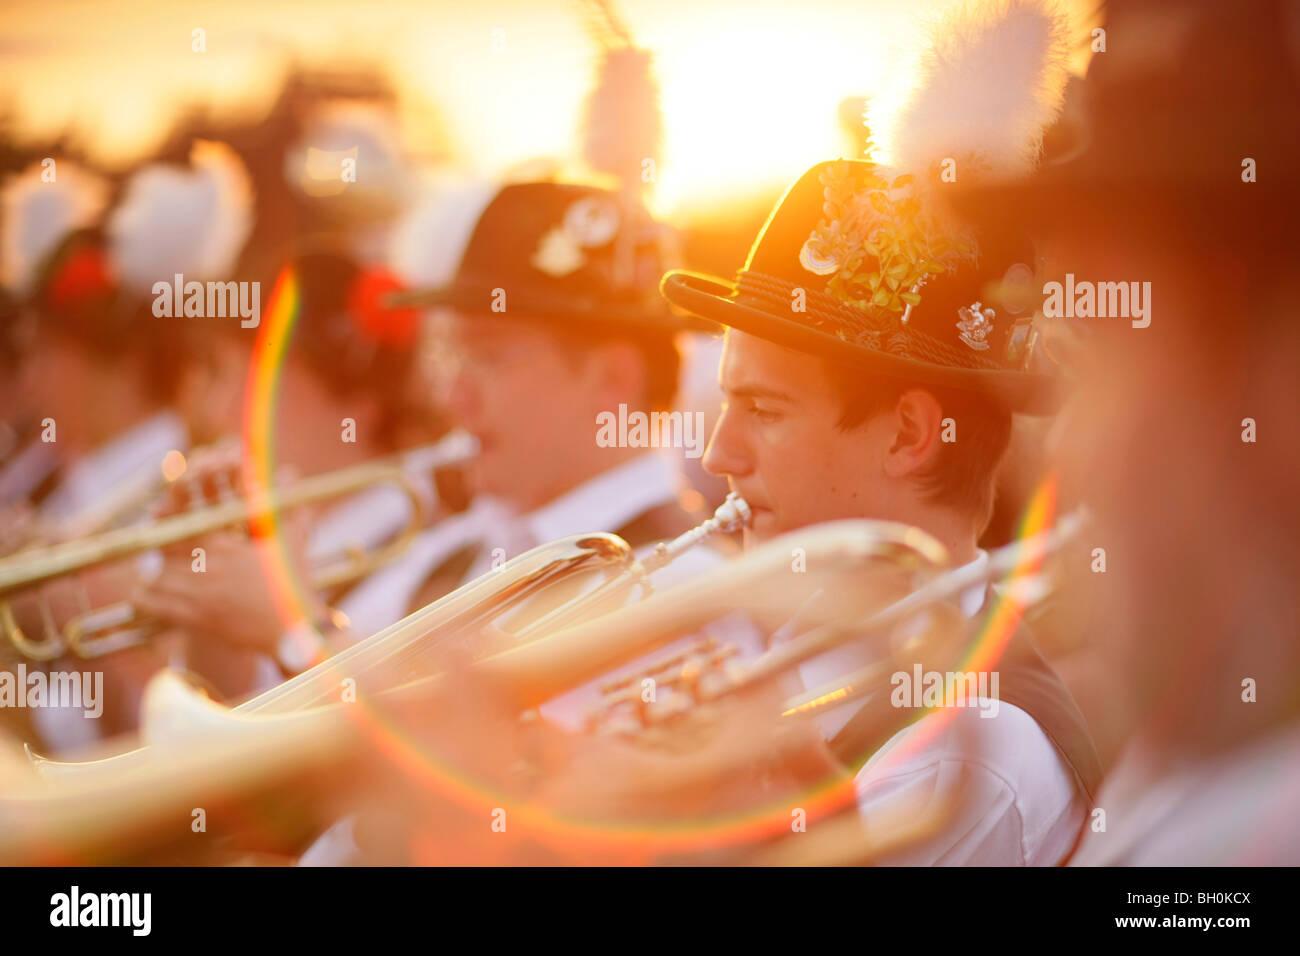 Brass band, Midsummer Festival, Muensing, Bavaria, Germany - Stock Image